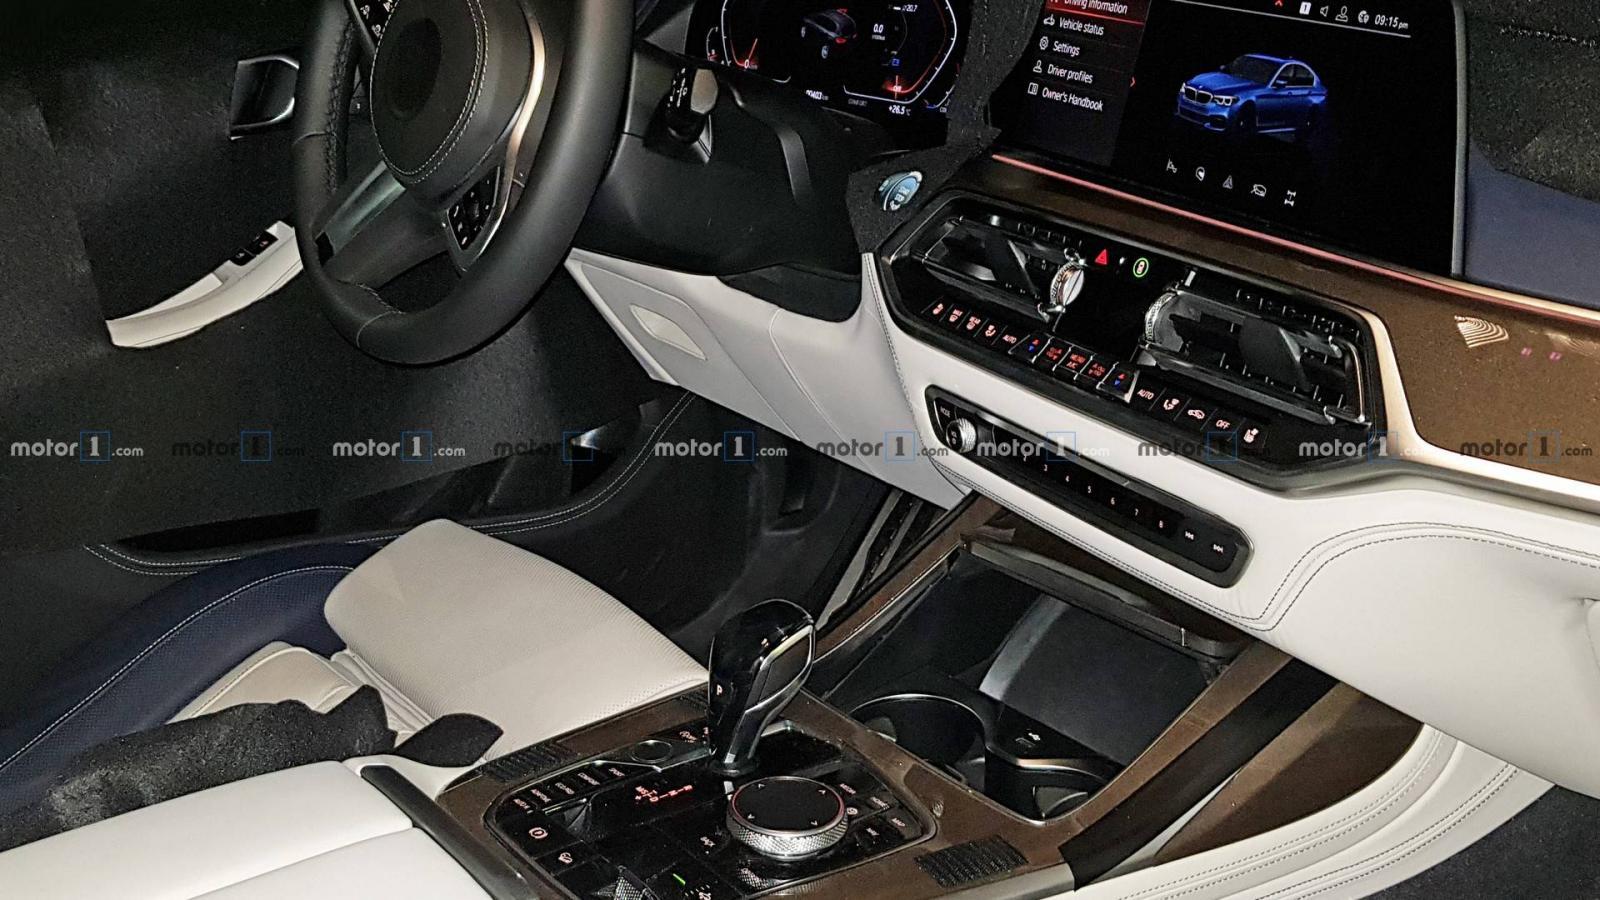 Фотошпионы показали интерьер нового кроссовера от BMW